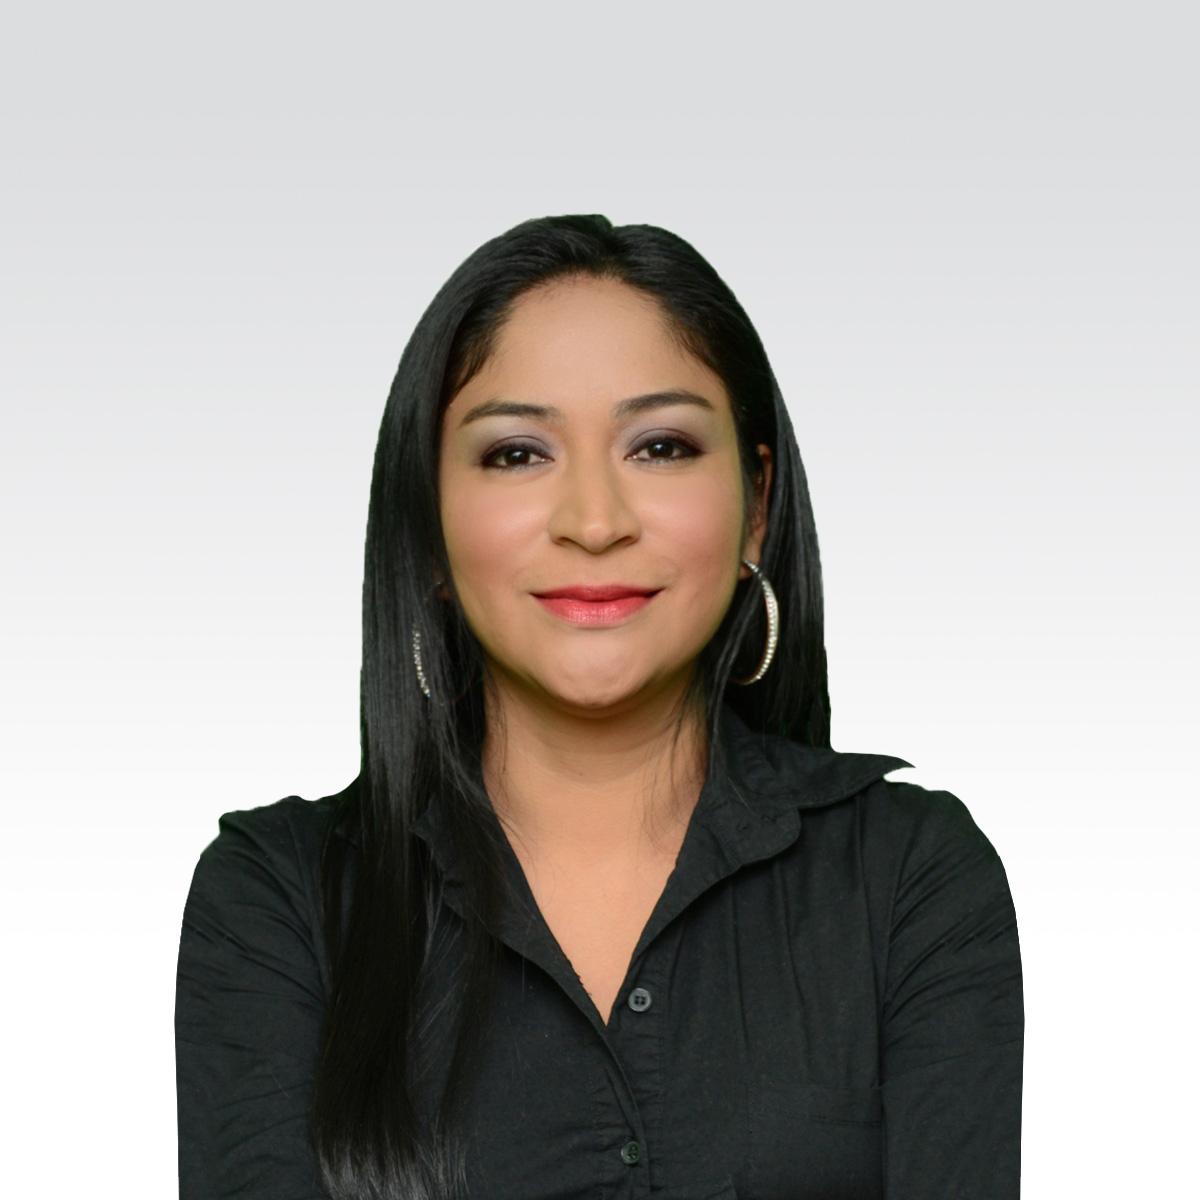 Angelica Cocha